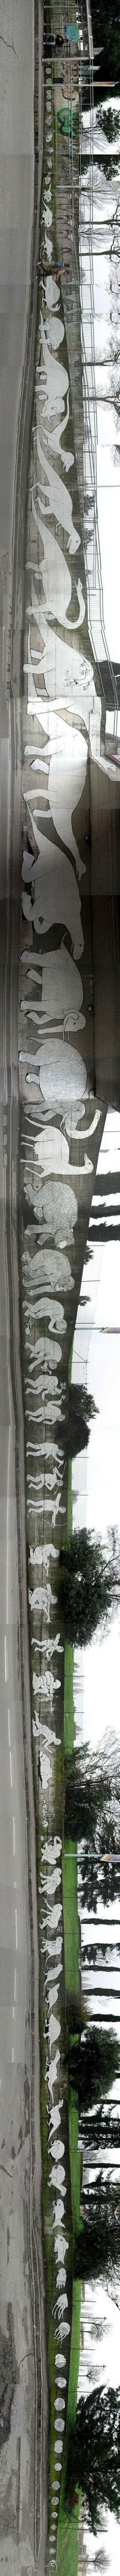 Evolution Graffiti